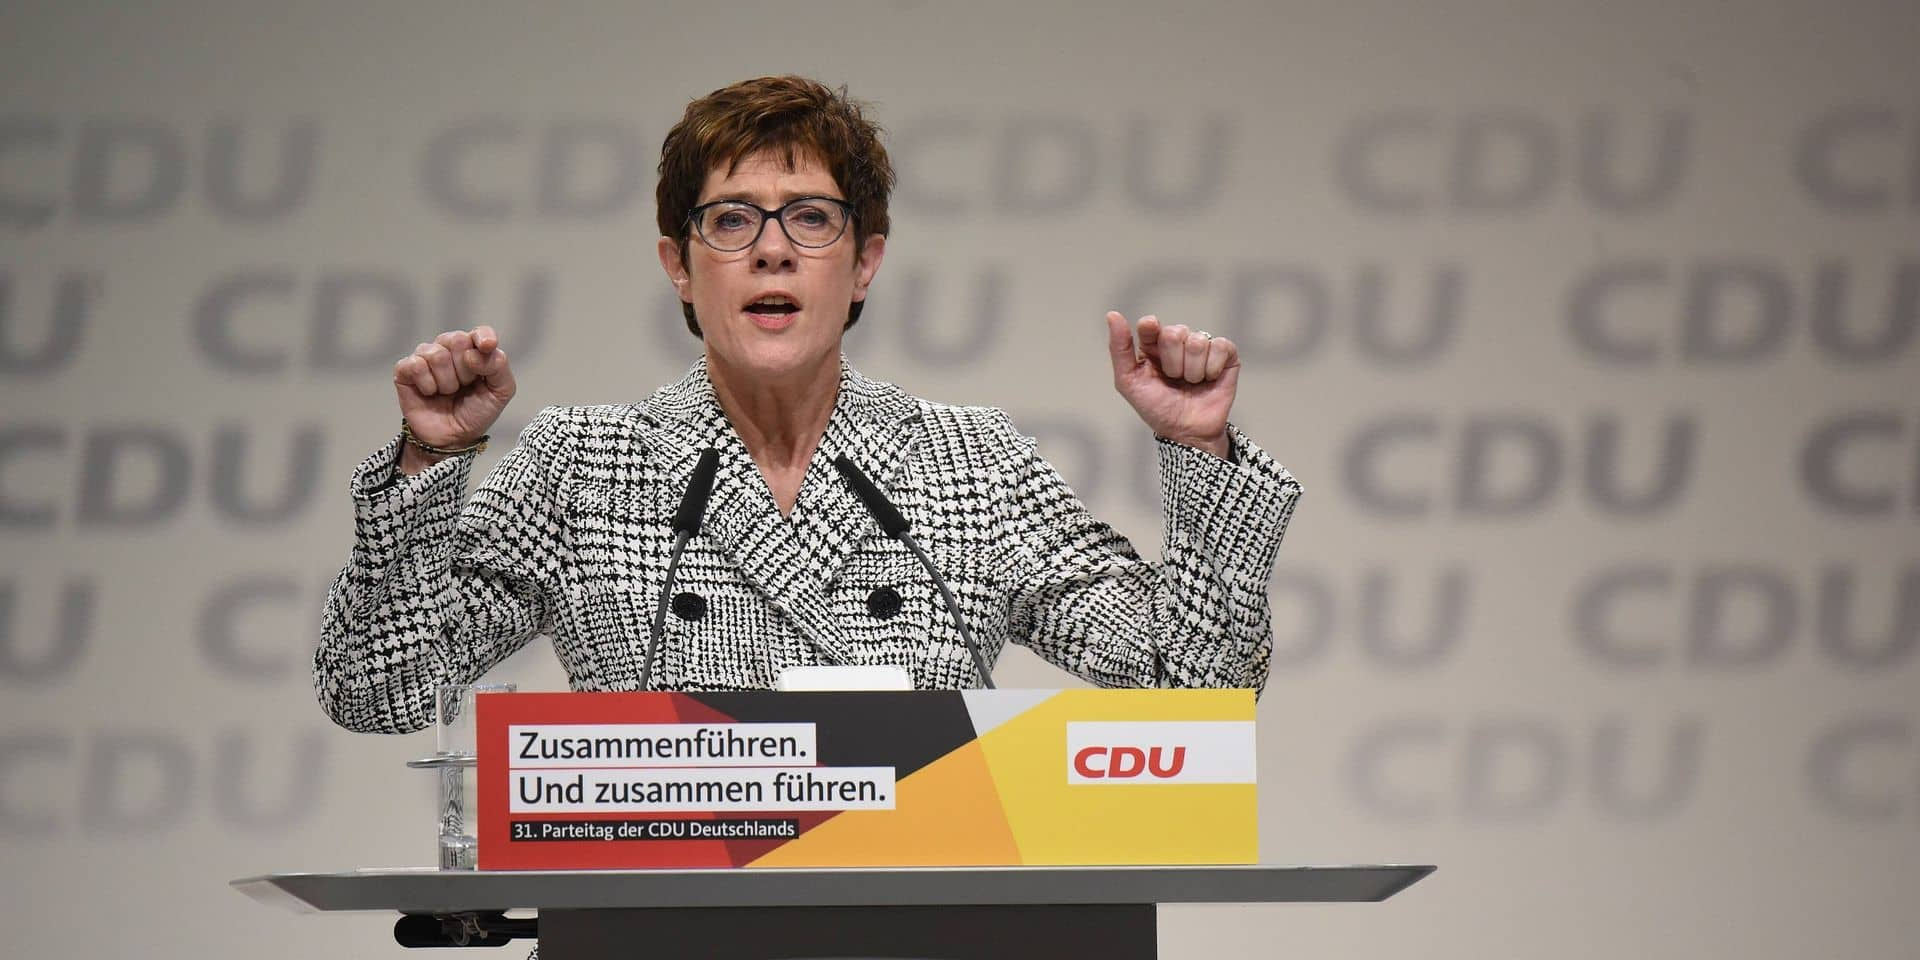 Allemagne: la pandémie de Covid-19 reporte la désignation présidentielle de la CDU, AKK reste présidente jusque décembre